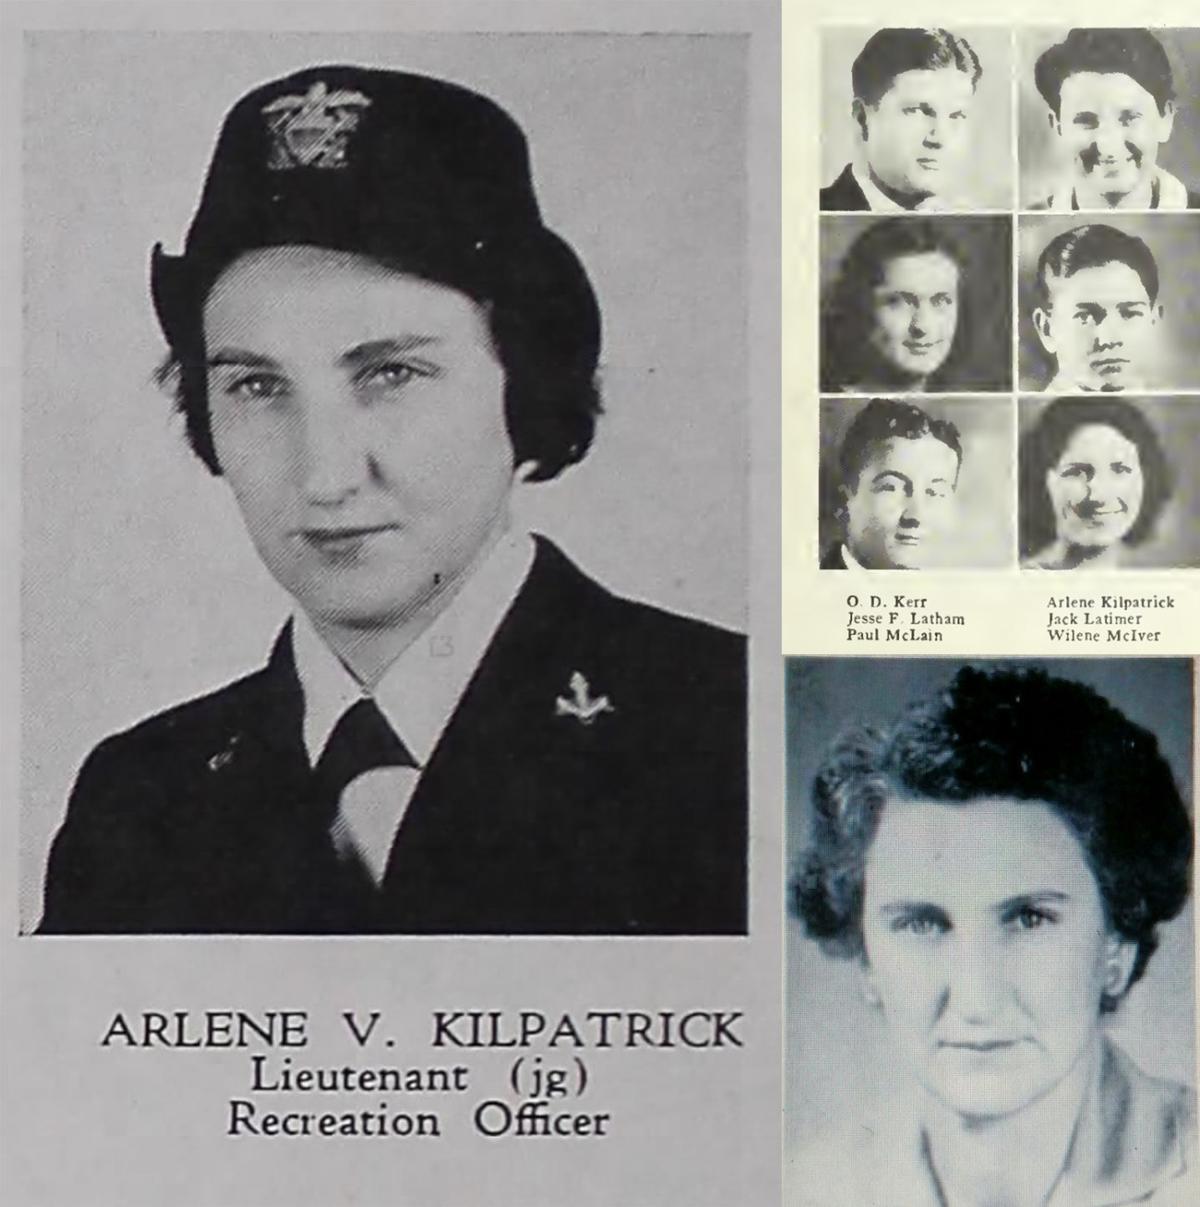 Arlene Kilpatrick